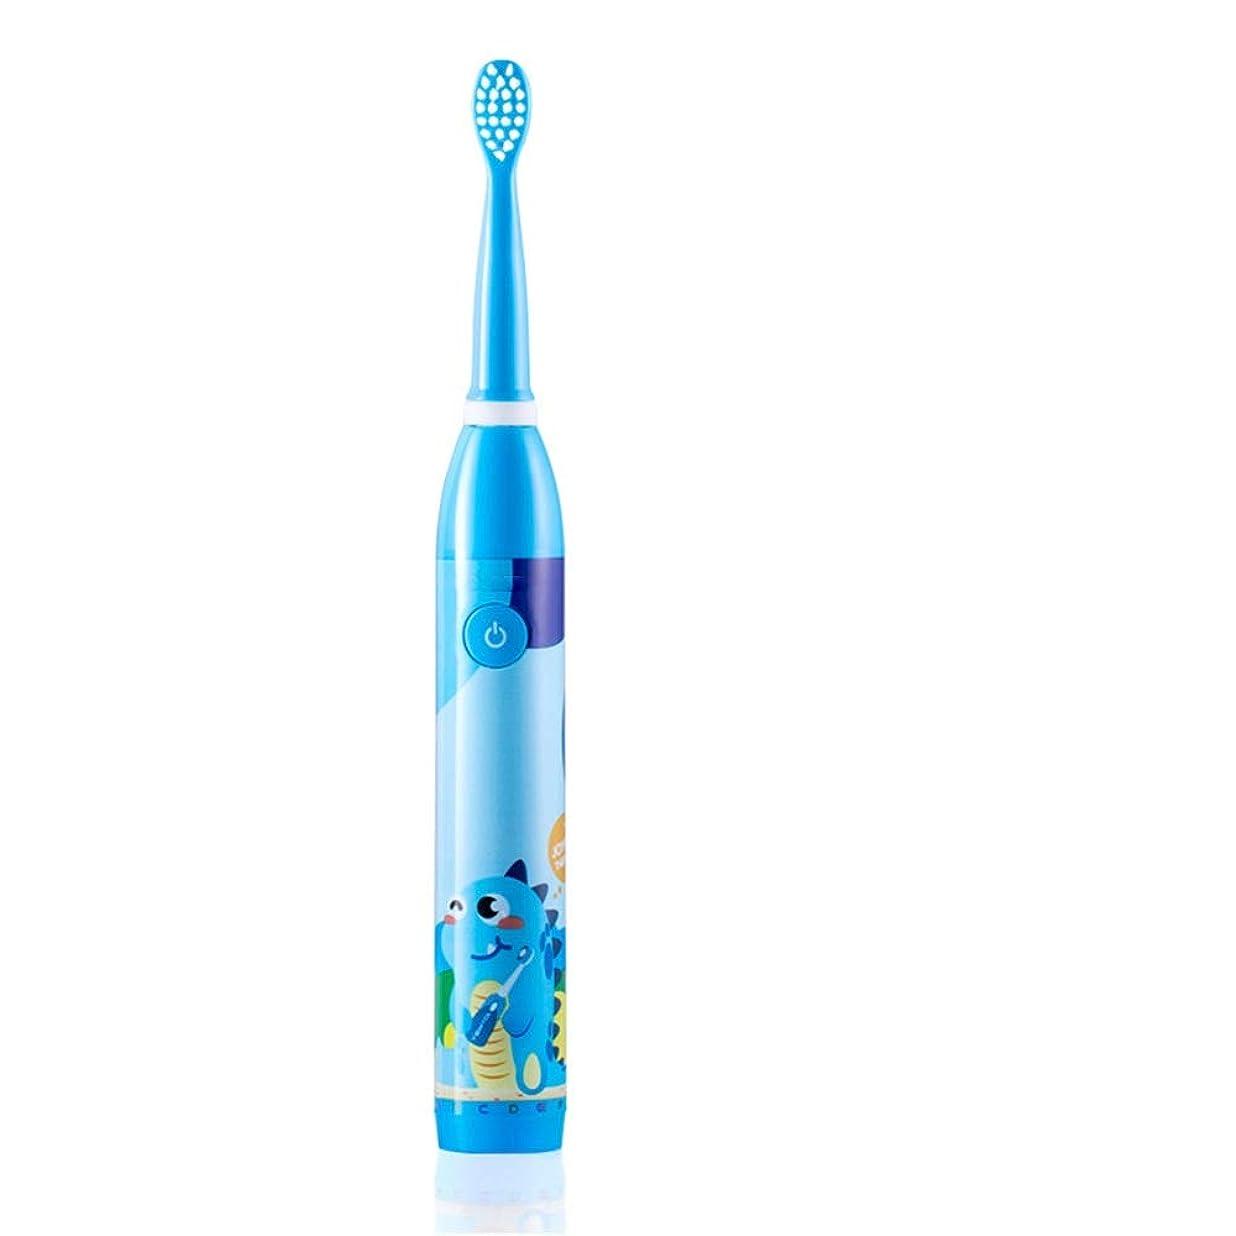 サイクルいわゆる差し控える電動歯ブラシ 子供のために適した子供の電動歯ブラシUSB充電式防水歯ブラシ2-5 ケアー プロテクトクリーン (色 : 青, サイズ : Free size)